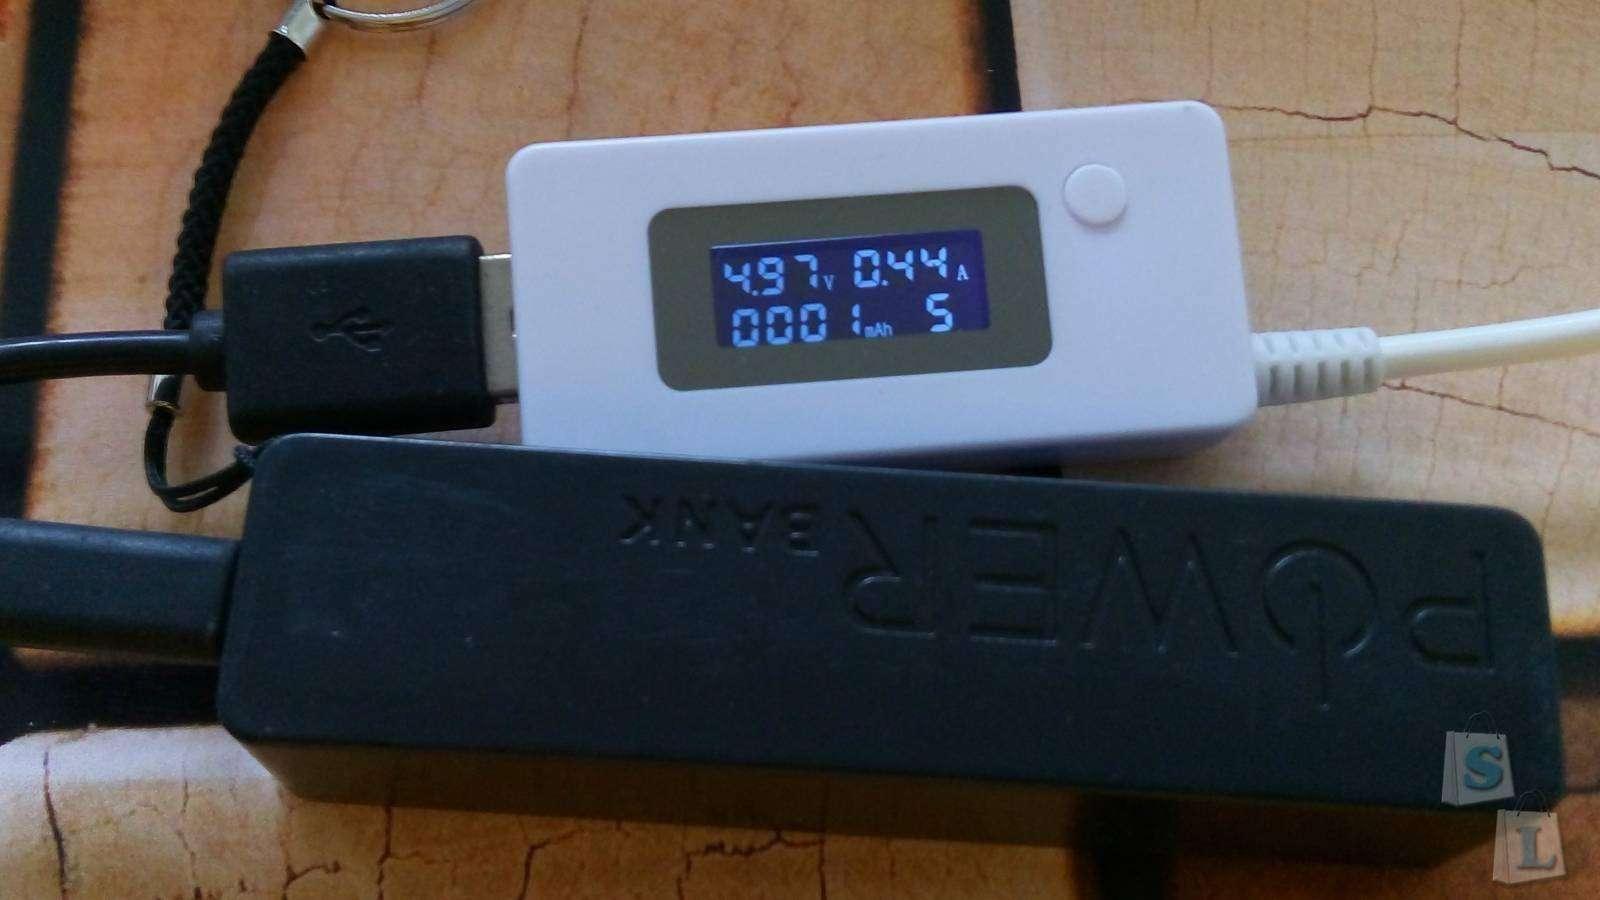 Aliexpress: Простой и маленький Powerbank, который должен быть 2600 mAh с тестом и вскрытием